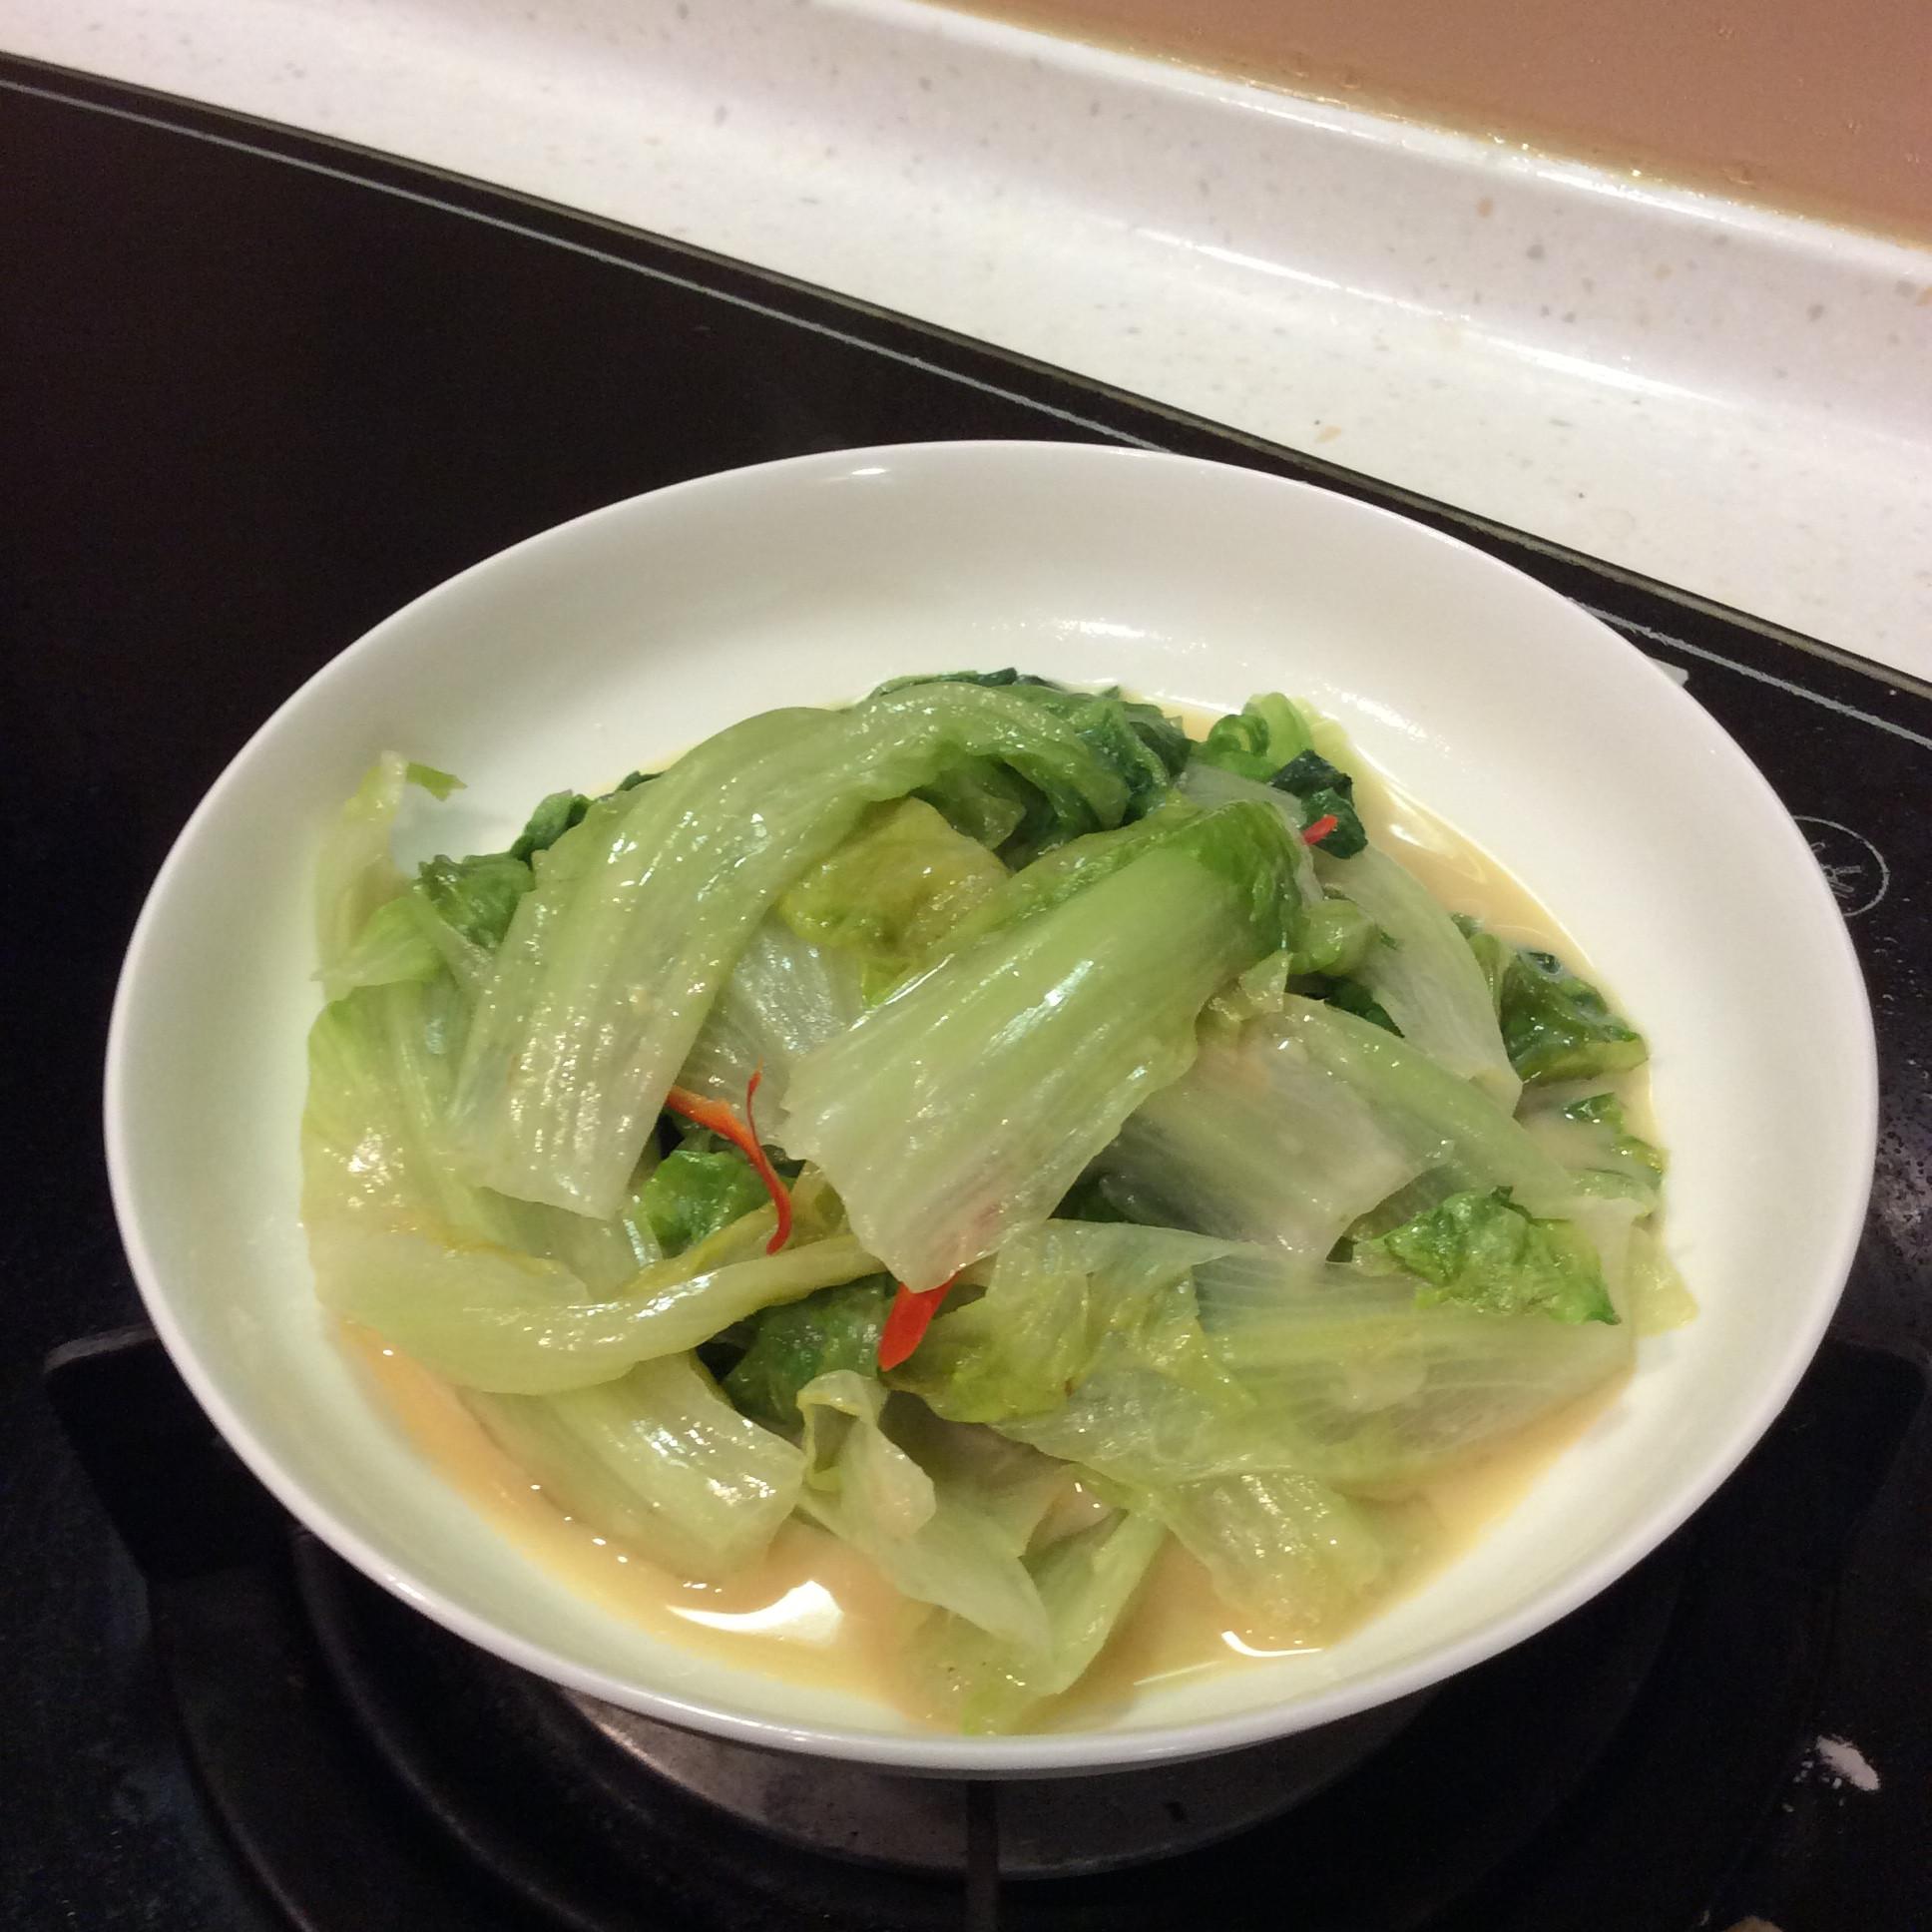 椒絲腐乳生菜